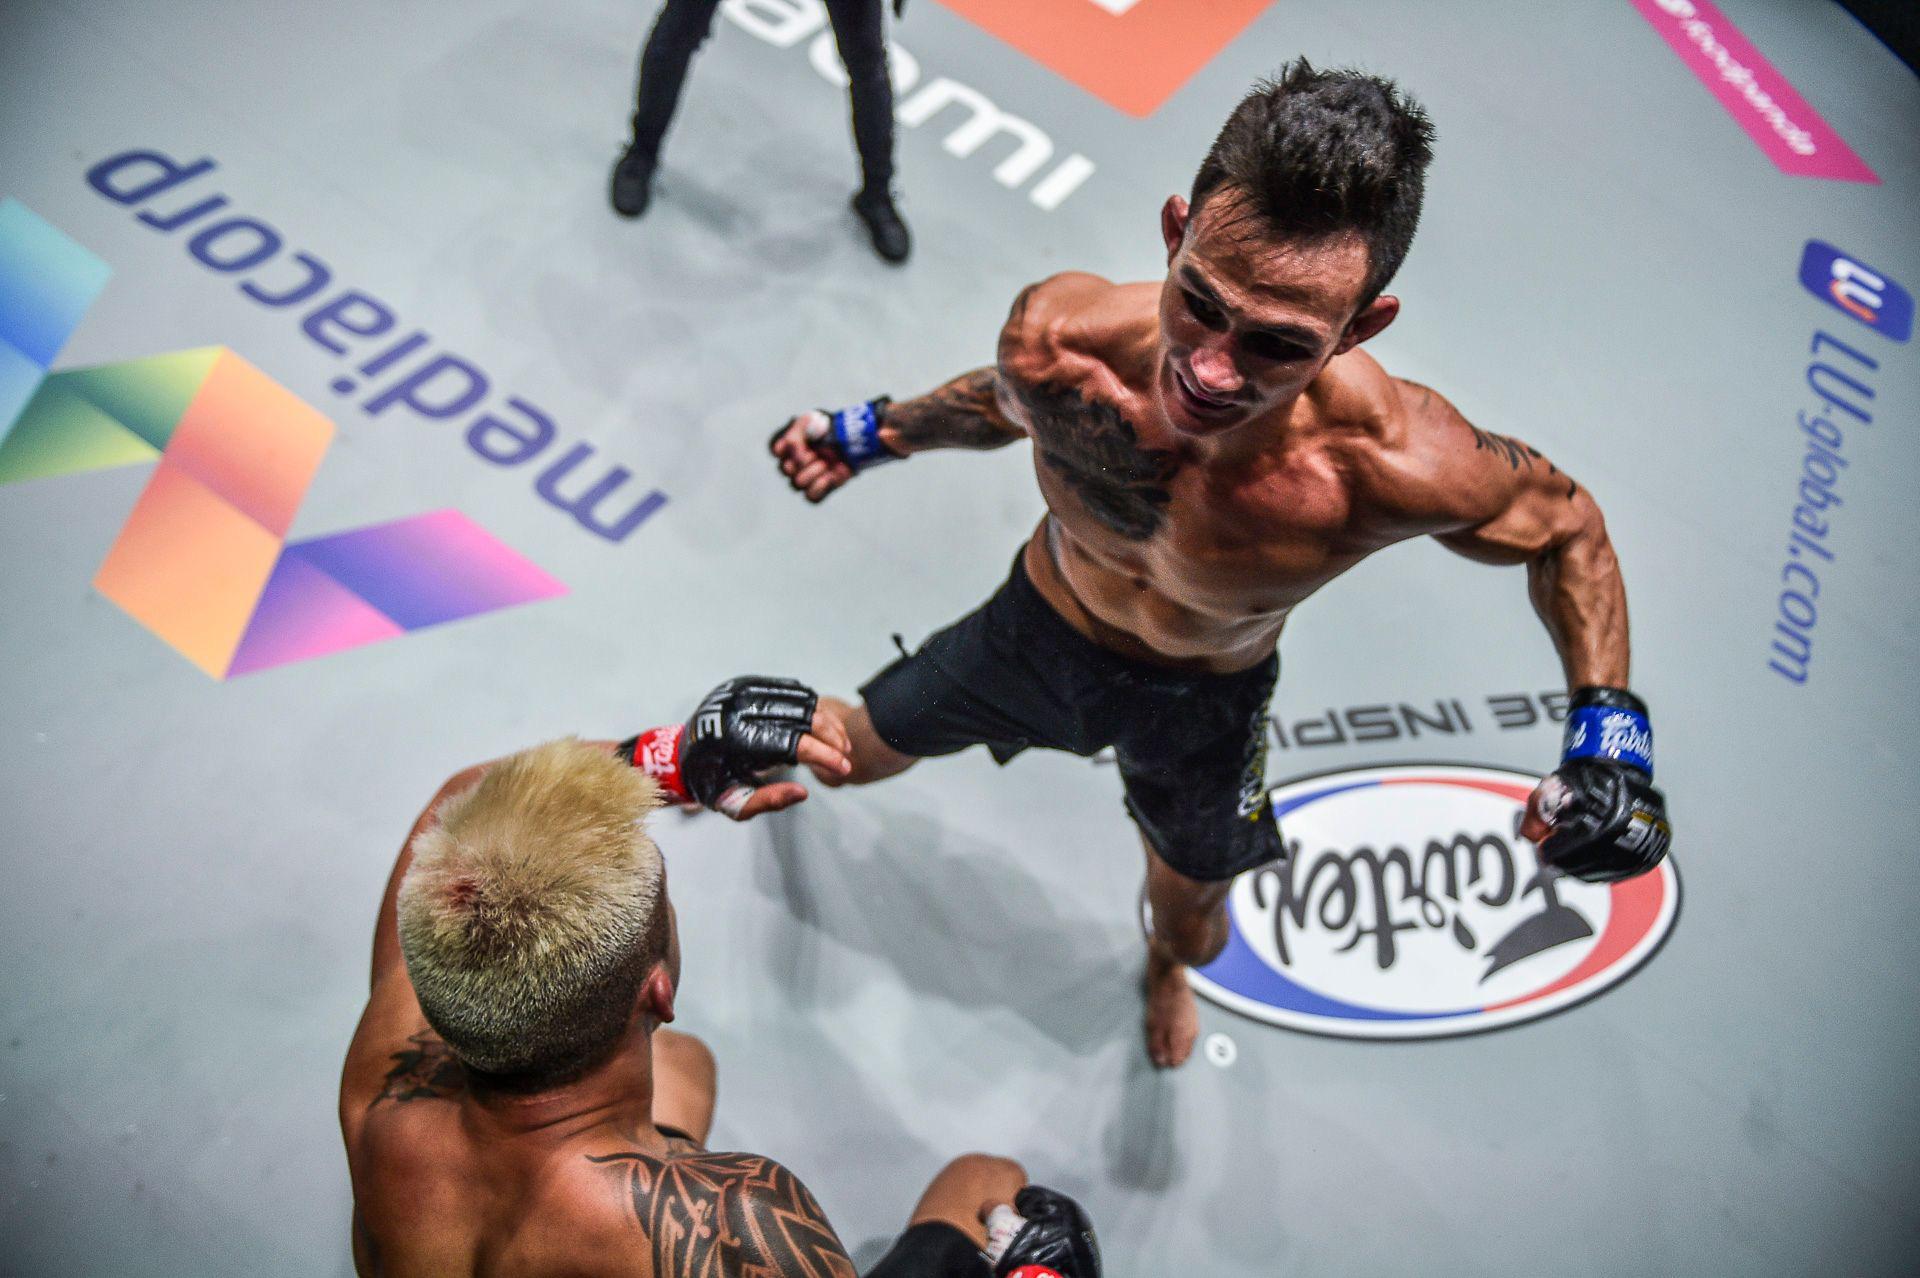 Chùm ảnh: Thành Lê hạ knock-out Martin Nguyễn, trở thành nhà vua mới tại hạng lông của ONE Championship - Ảnh 6.